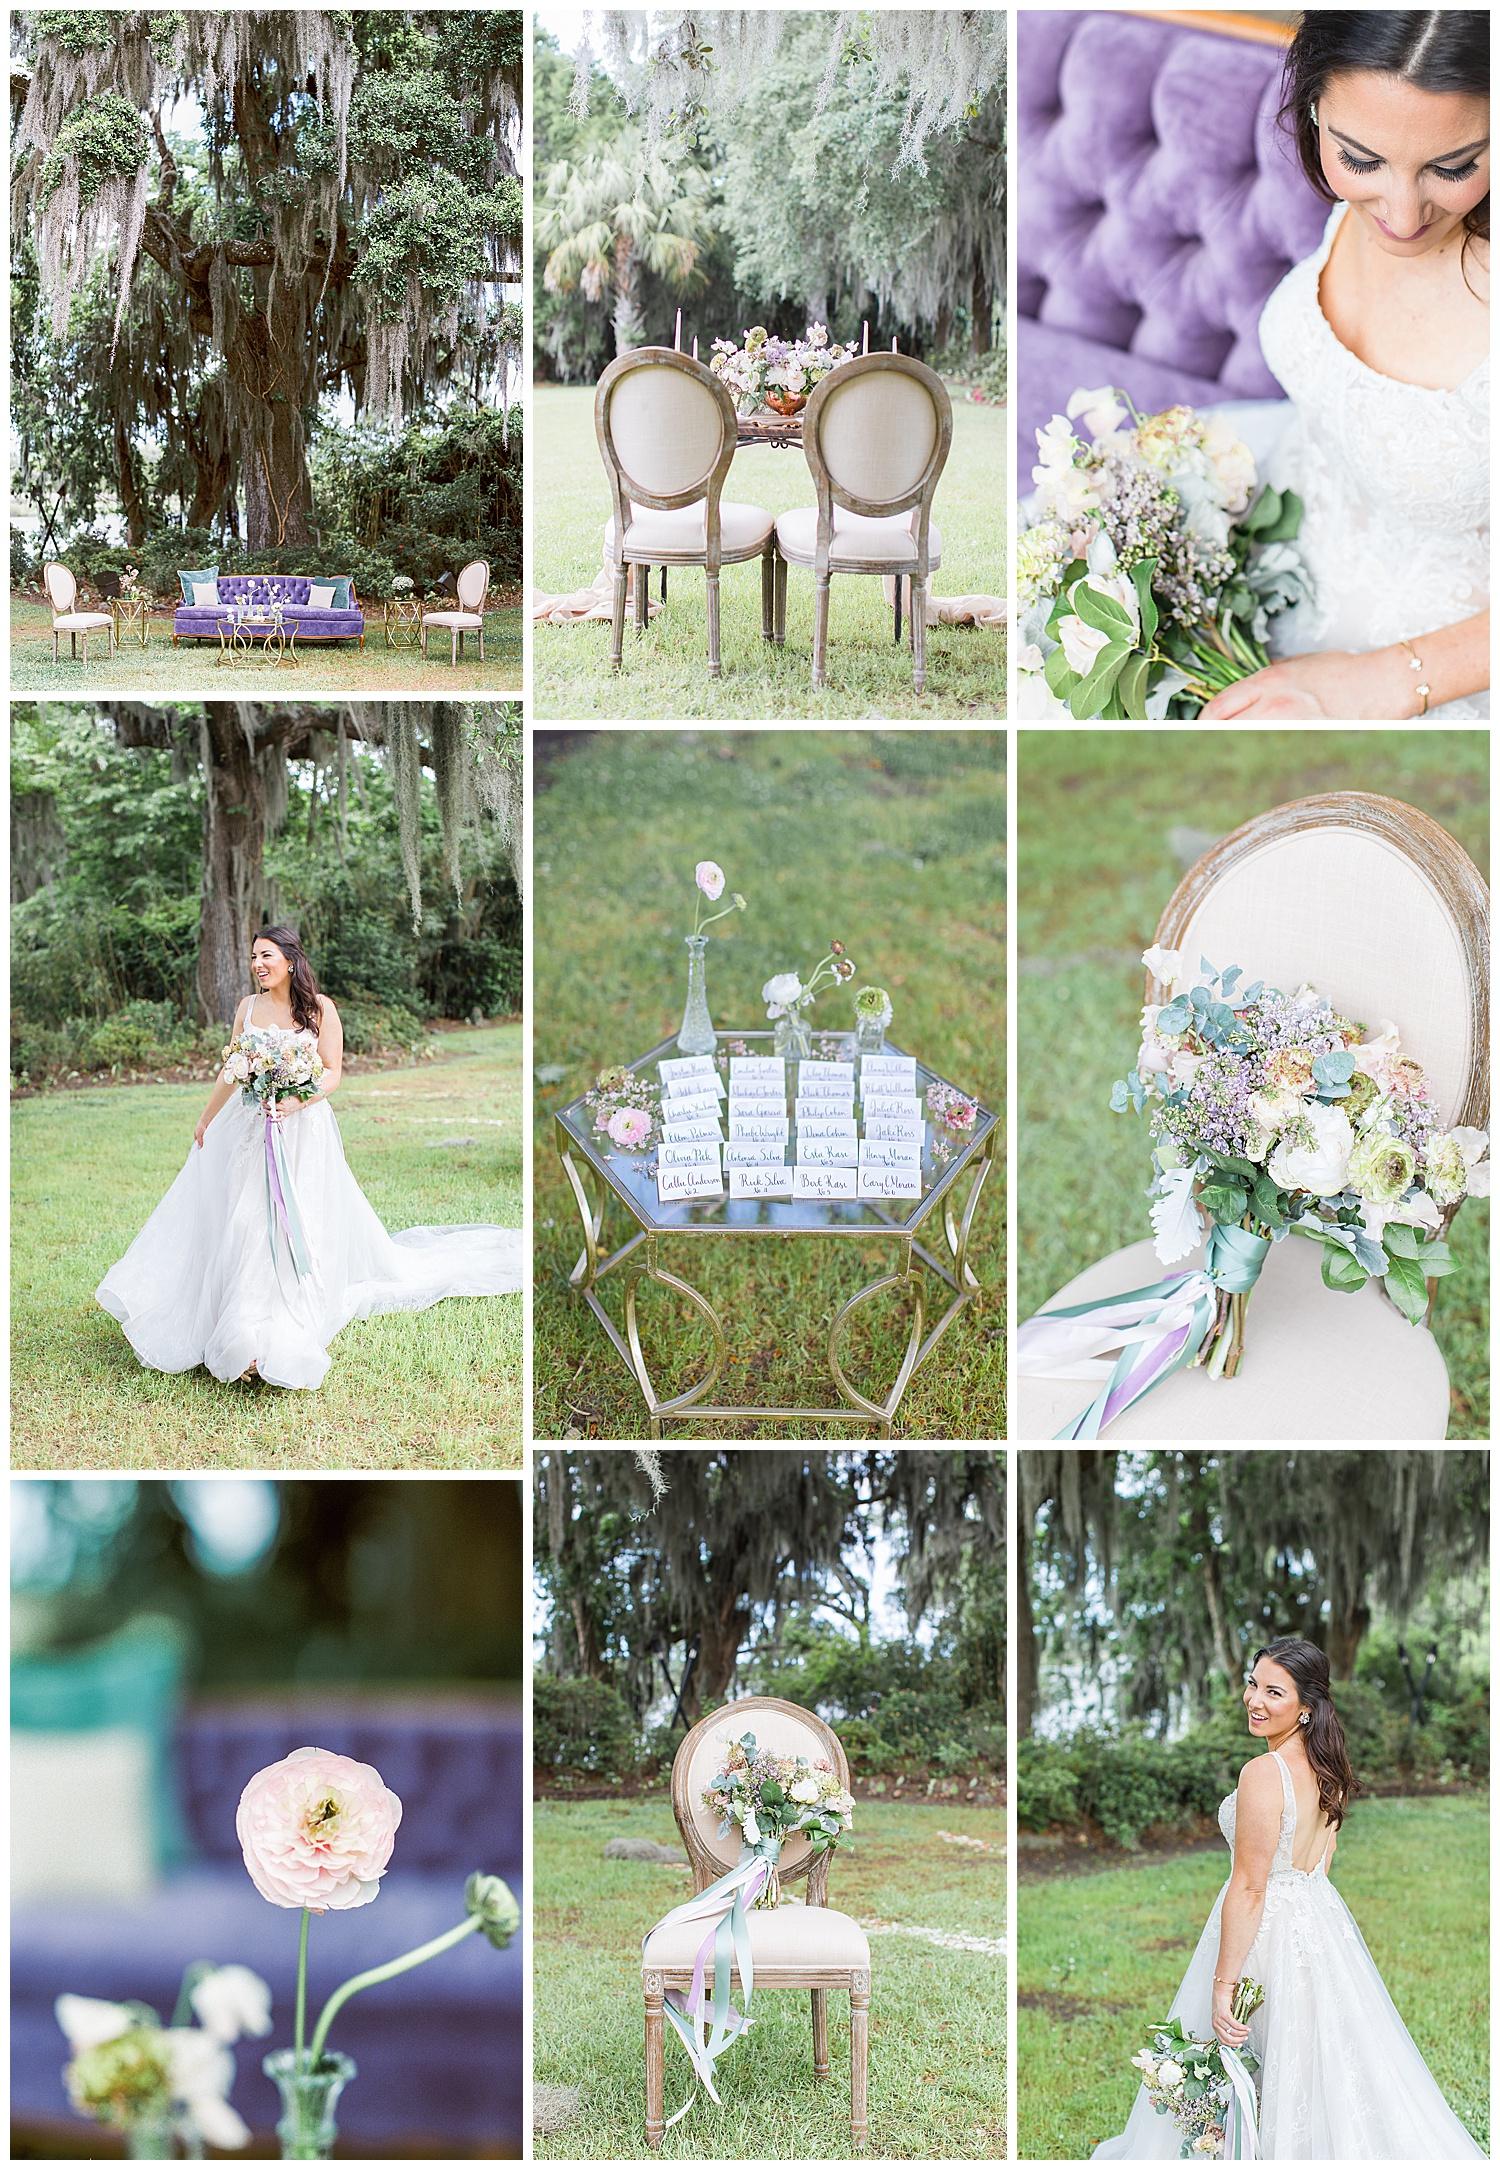 Magnolia-Plantation-bridal-wedding-styled-purple-sage-whimsical-kailee-dimeglio-photography04.jpg